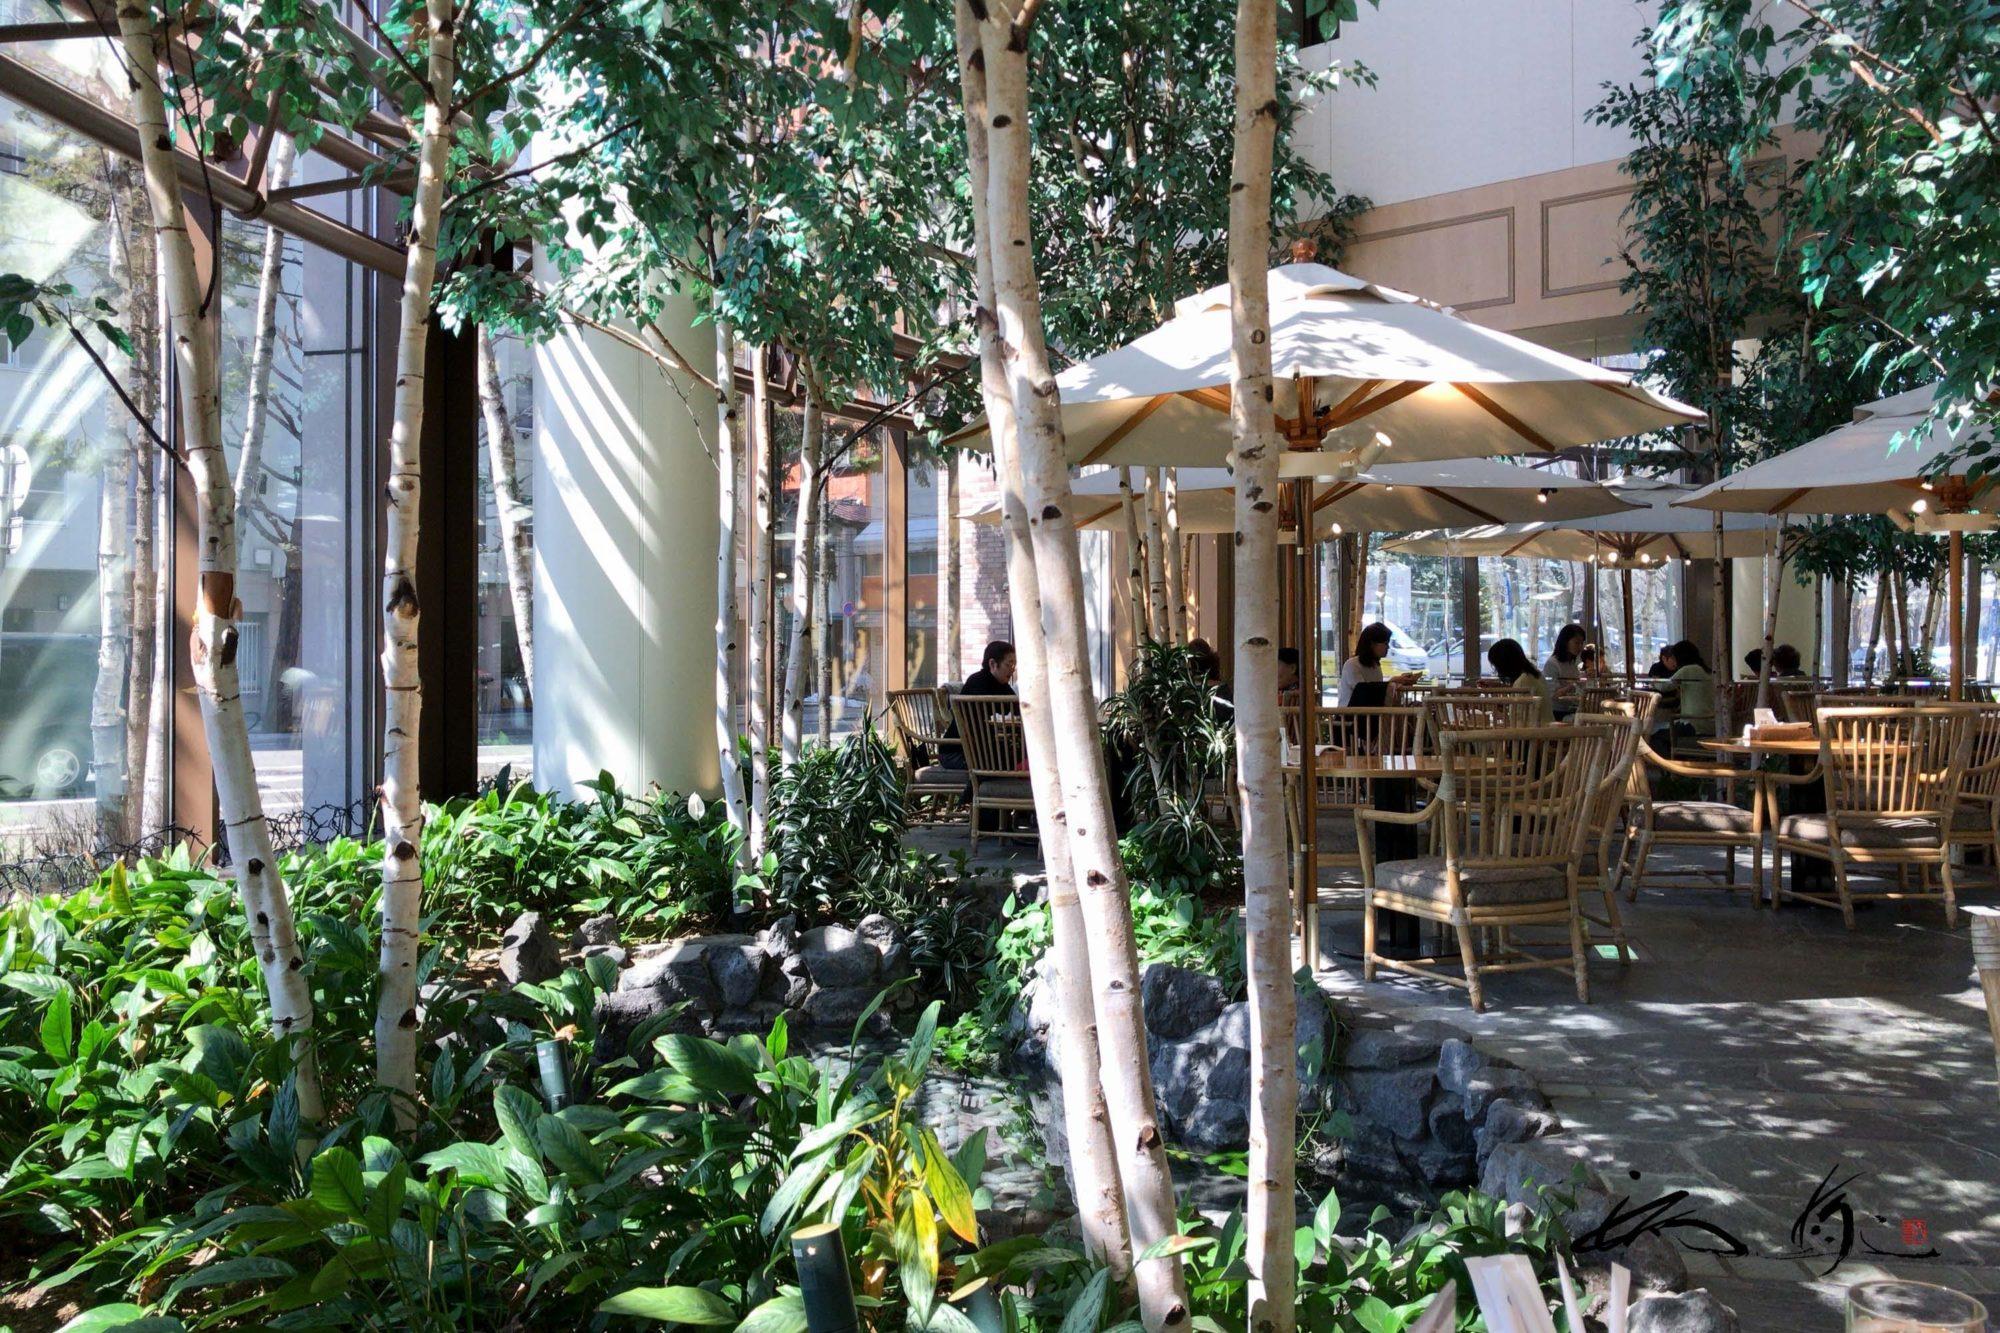 ファーム トゥ テーブル テラ(Farm to Table TERRA・札幌市)でオーガニックサラダバーを堪能